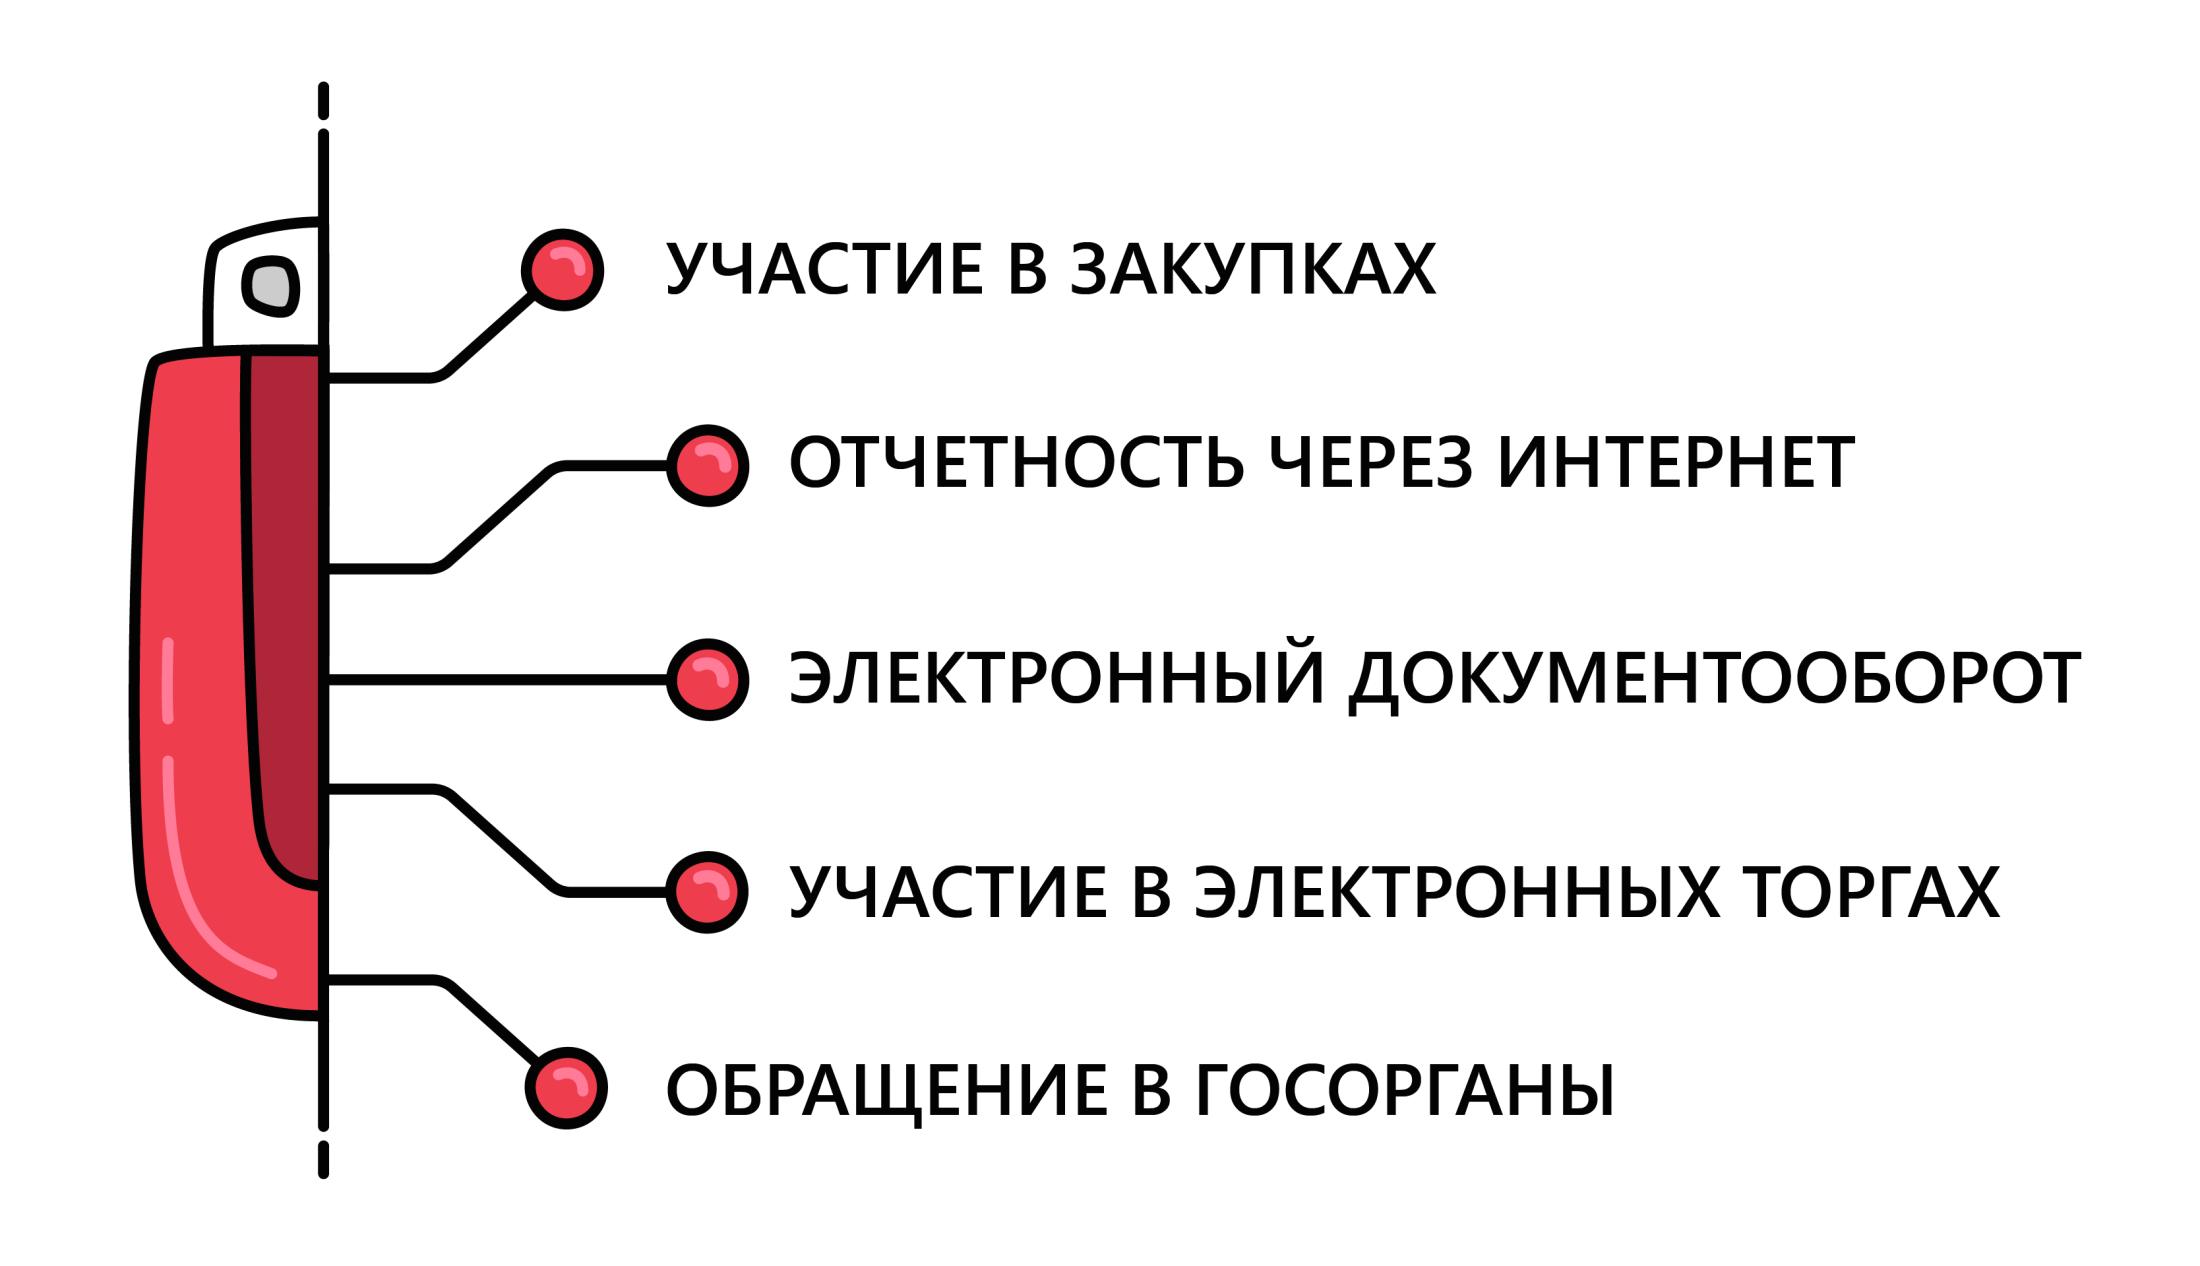 Использование электронной подписи (ЭЦП)